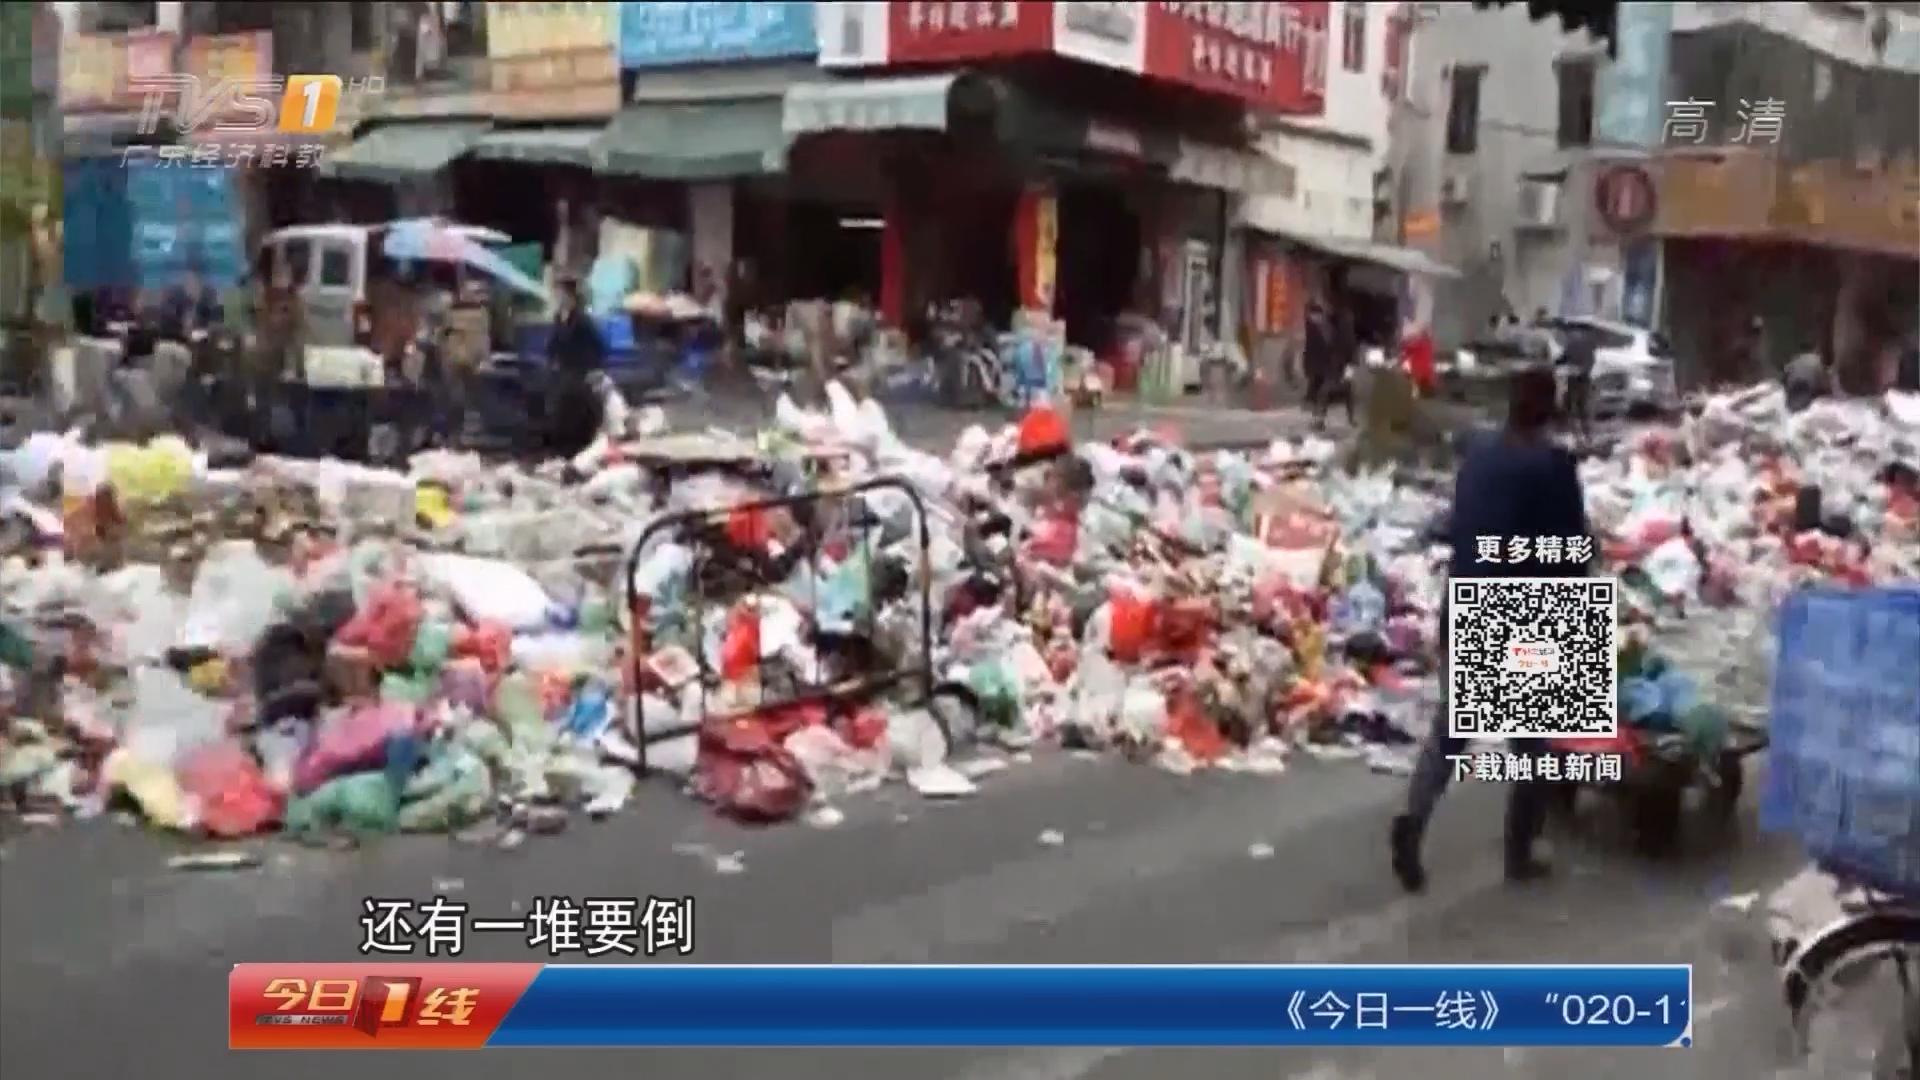 深圳坪山:进出通道成垃圾街 街坊苦不堪言